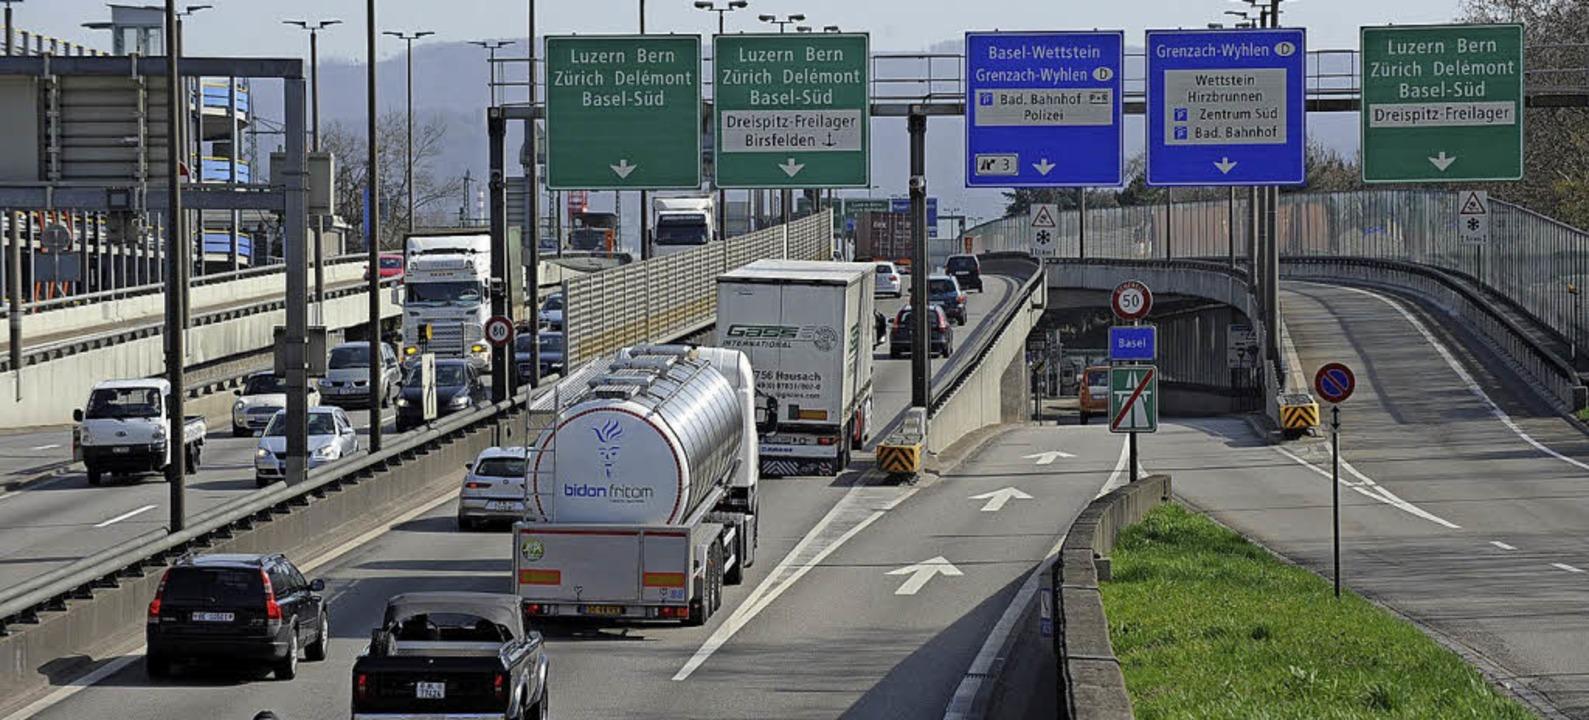 Der Lärmschutz an der Autobahn in Basel soll besser werden.   | Foto: Junkov